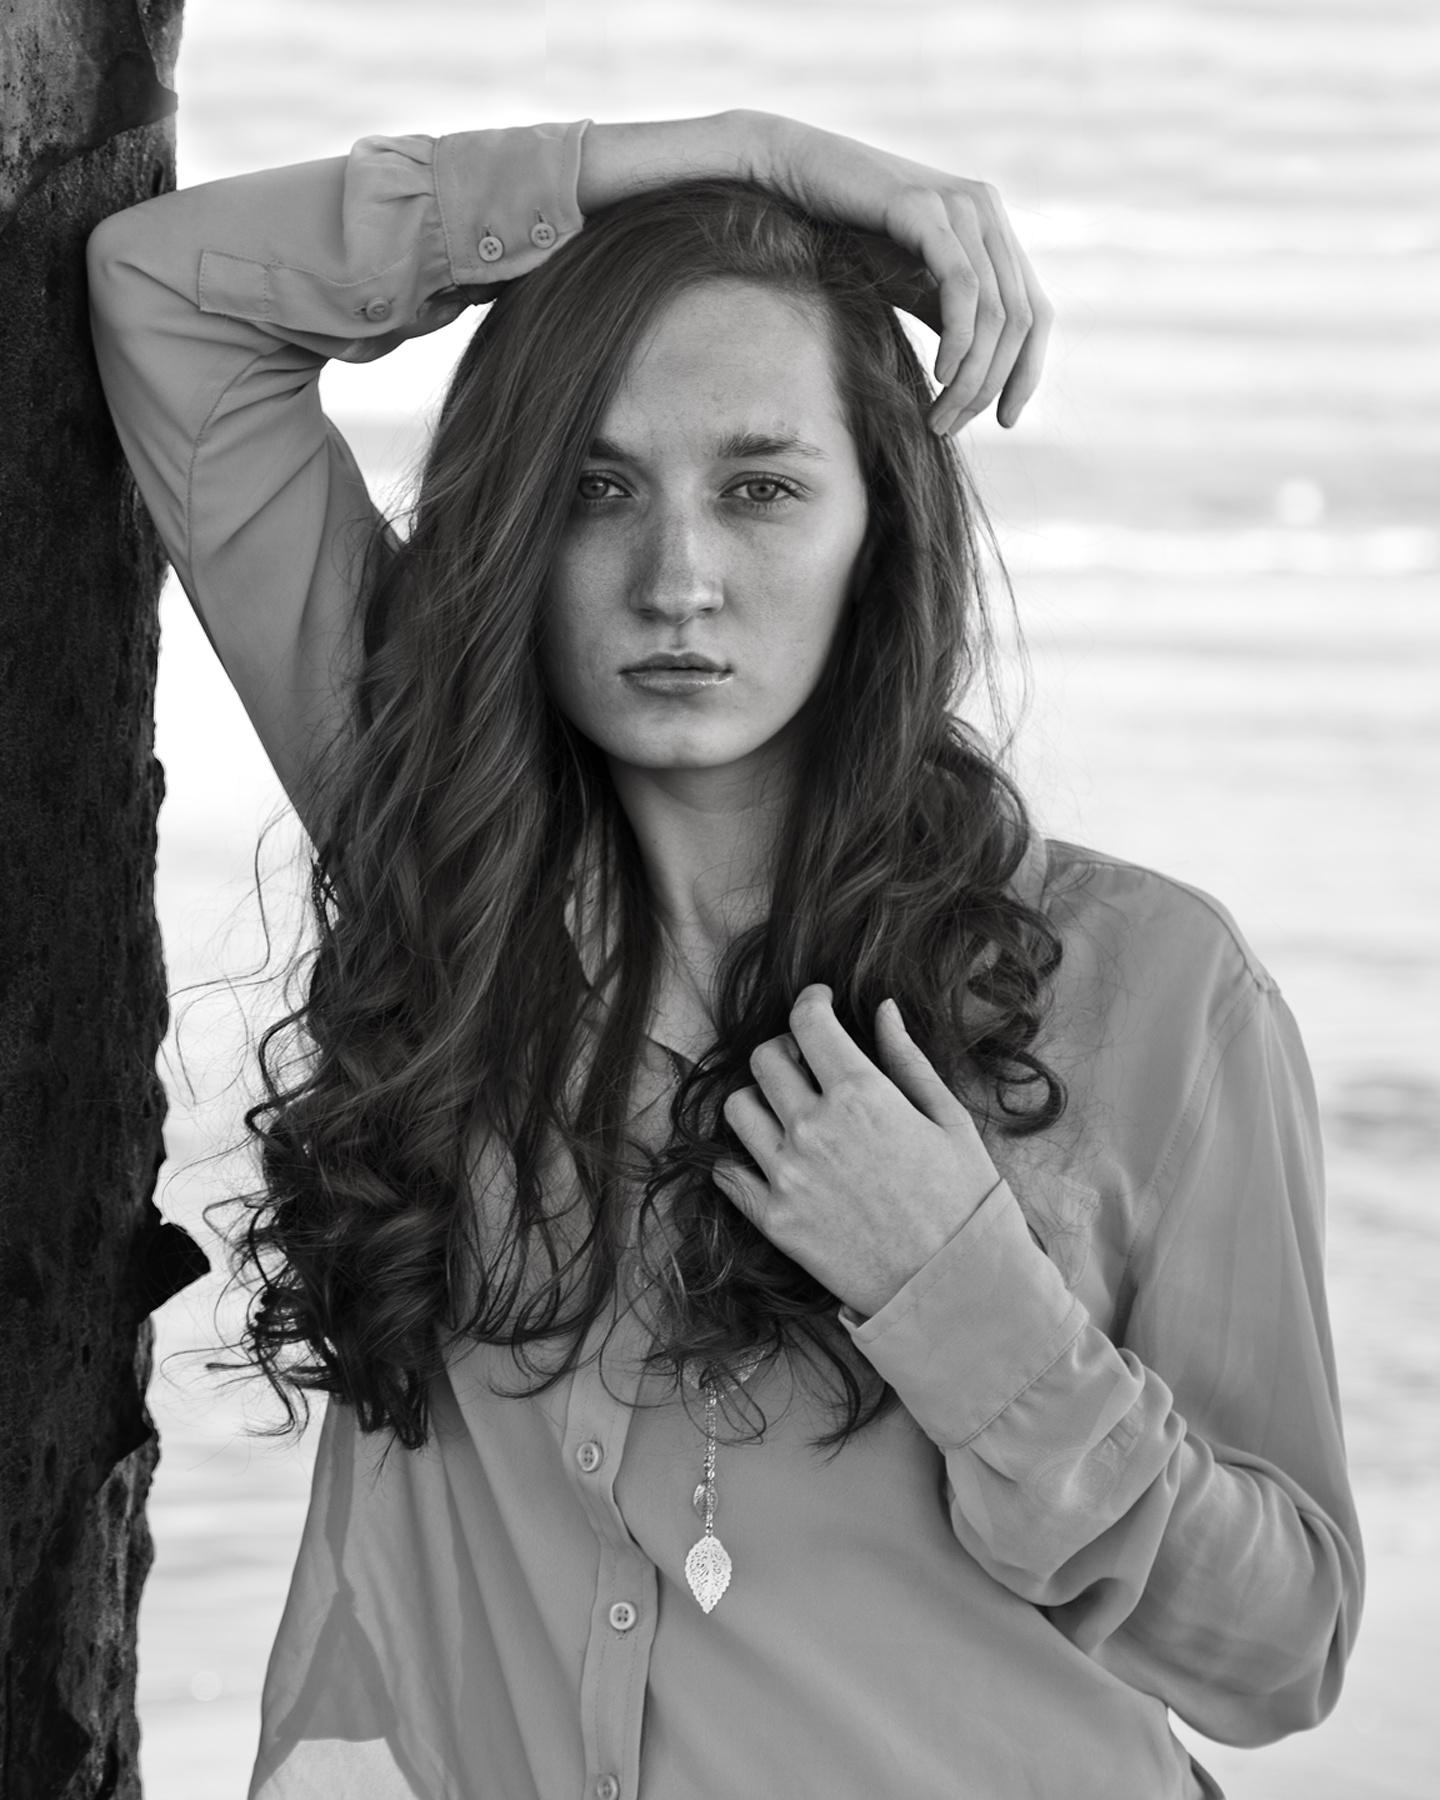 Megan by BillyWebb